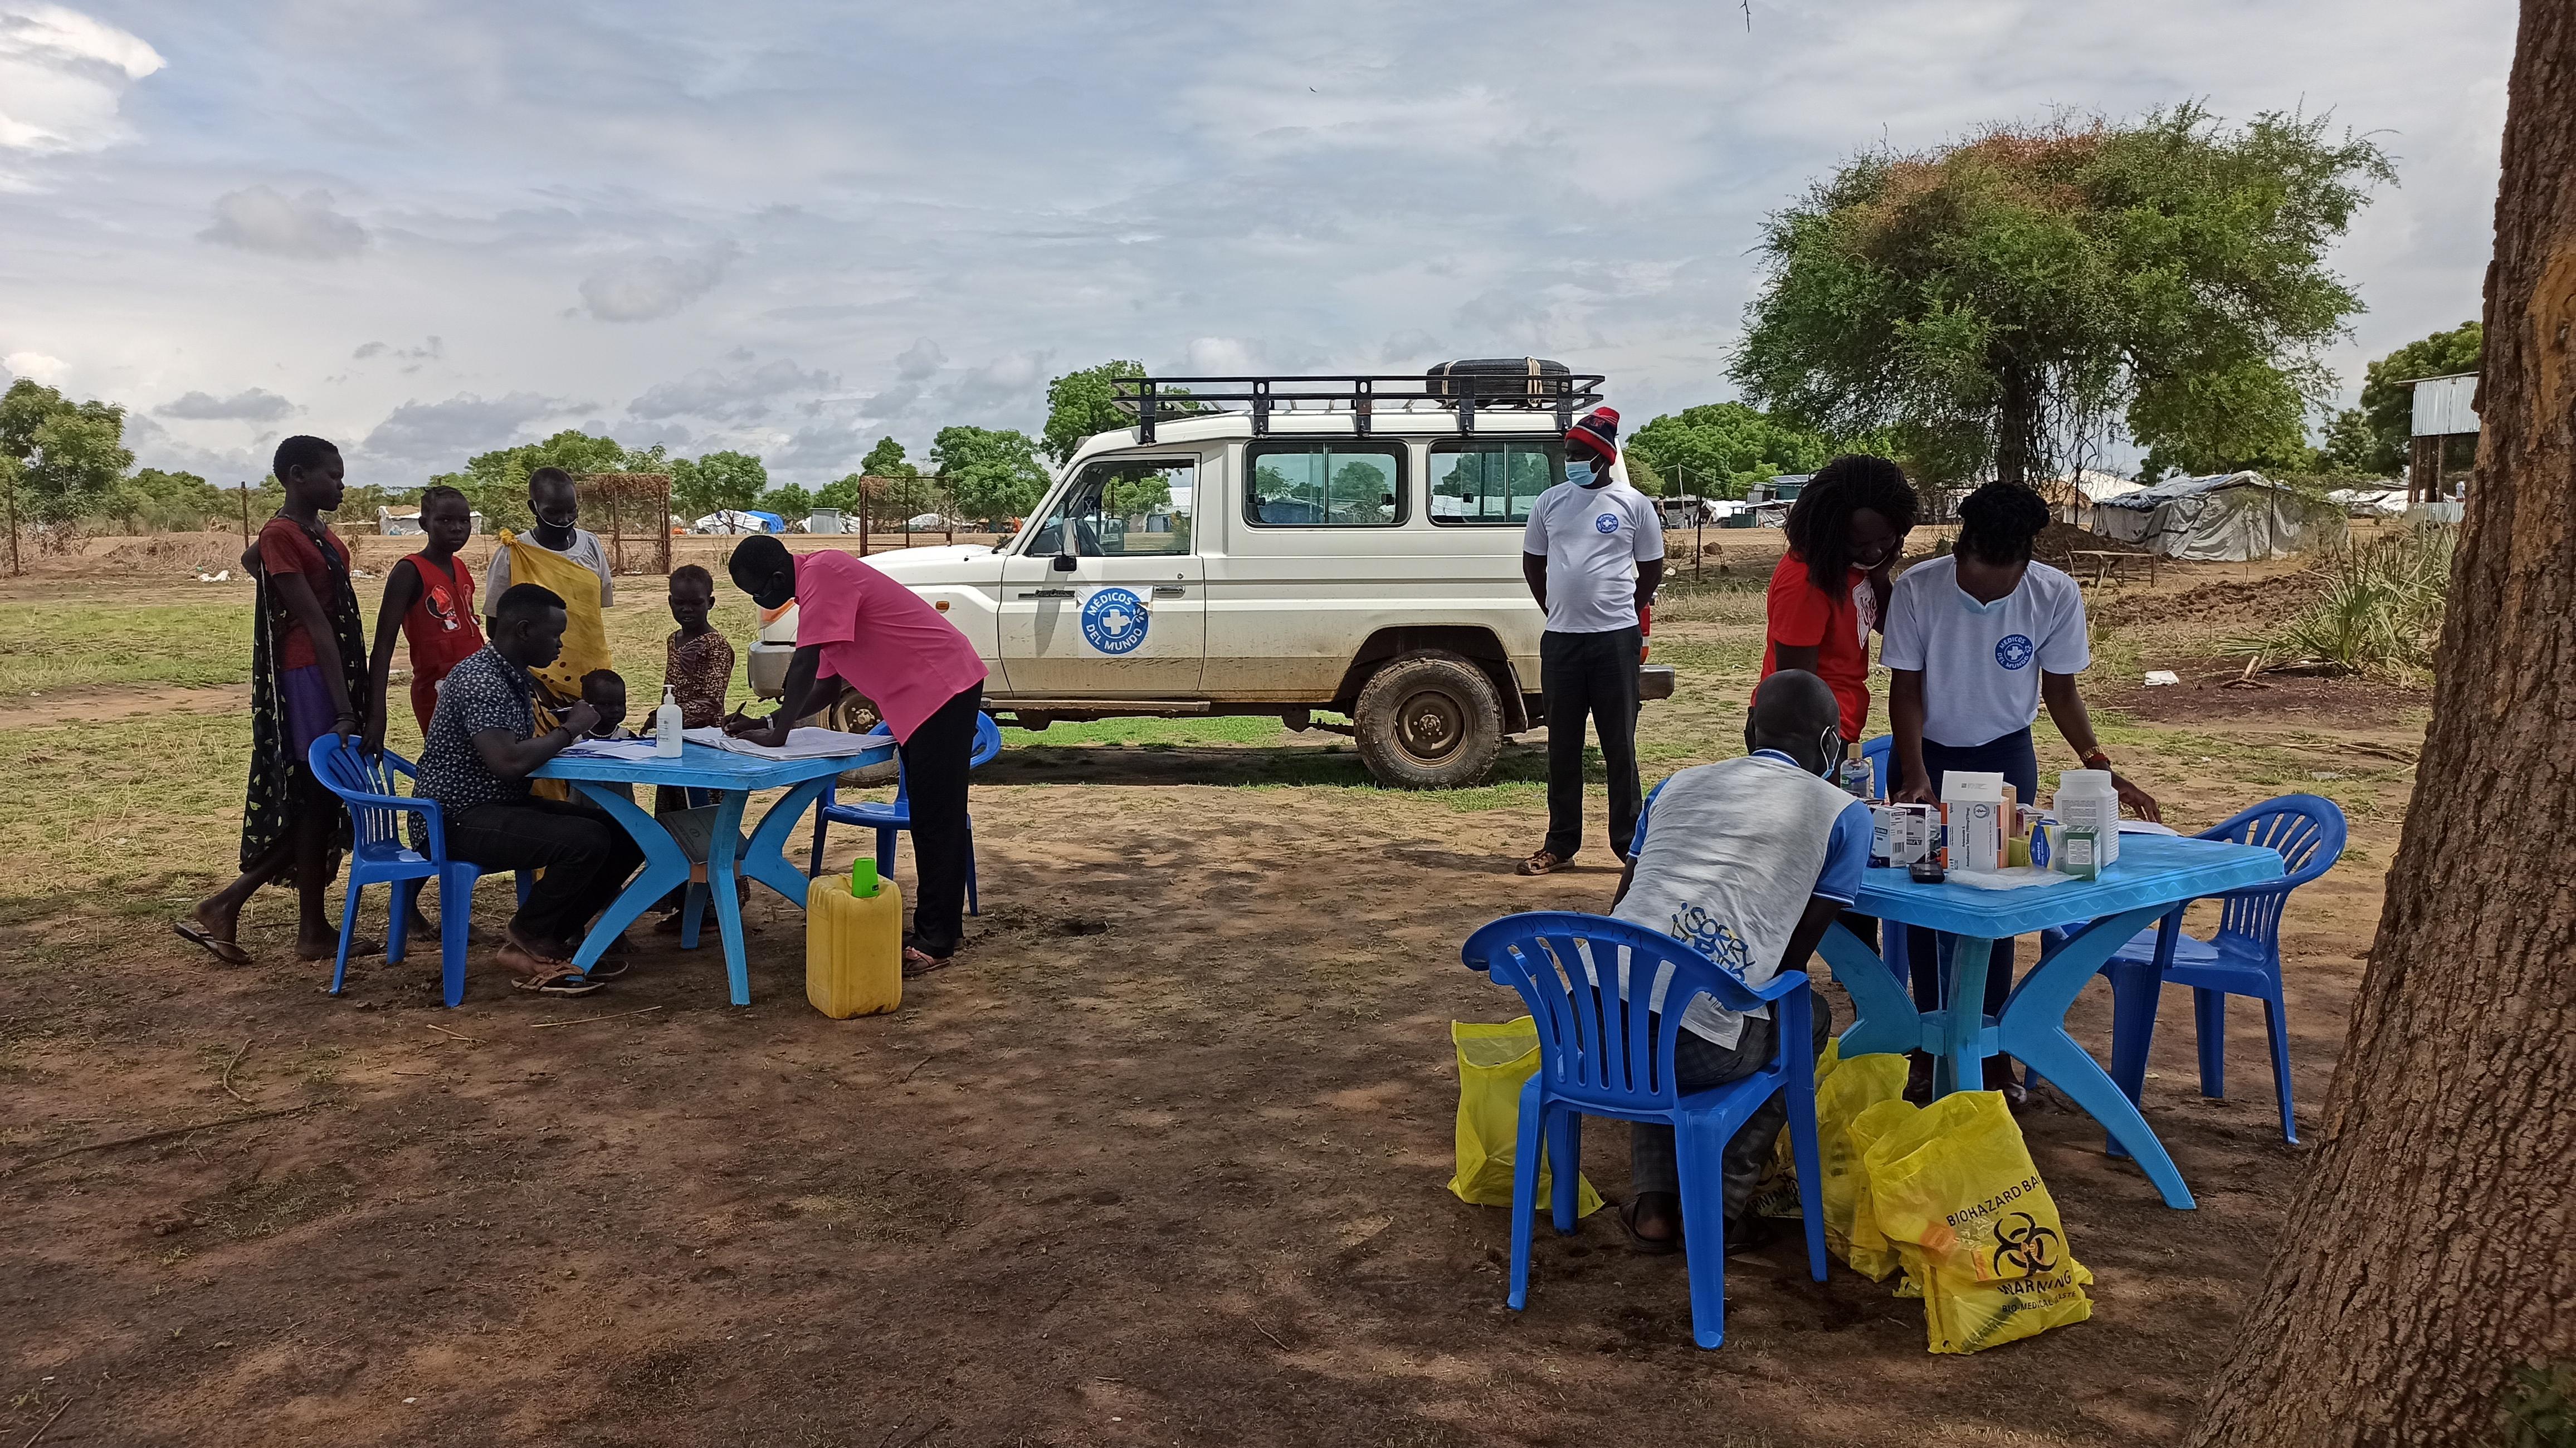 En Sudán del Sur, el país más joven del mundo, más de ocho millones de personas necesitan asistencia humanitaria